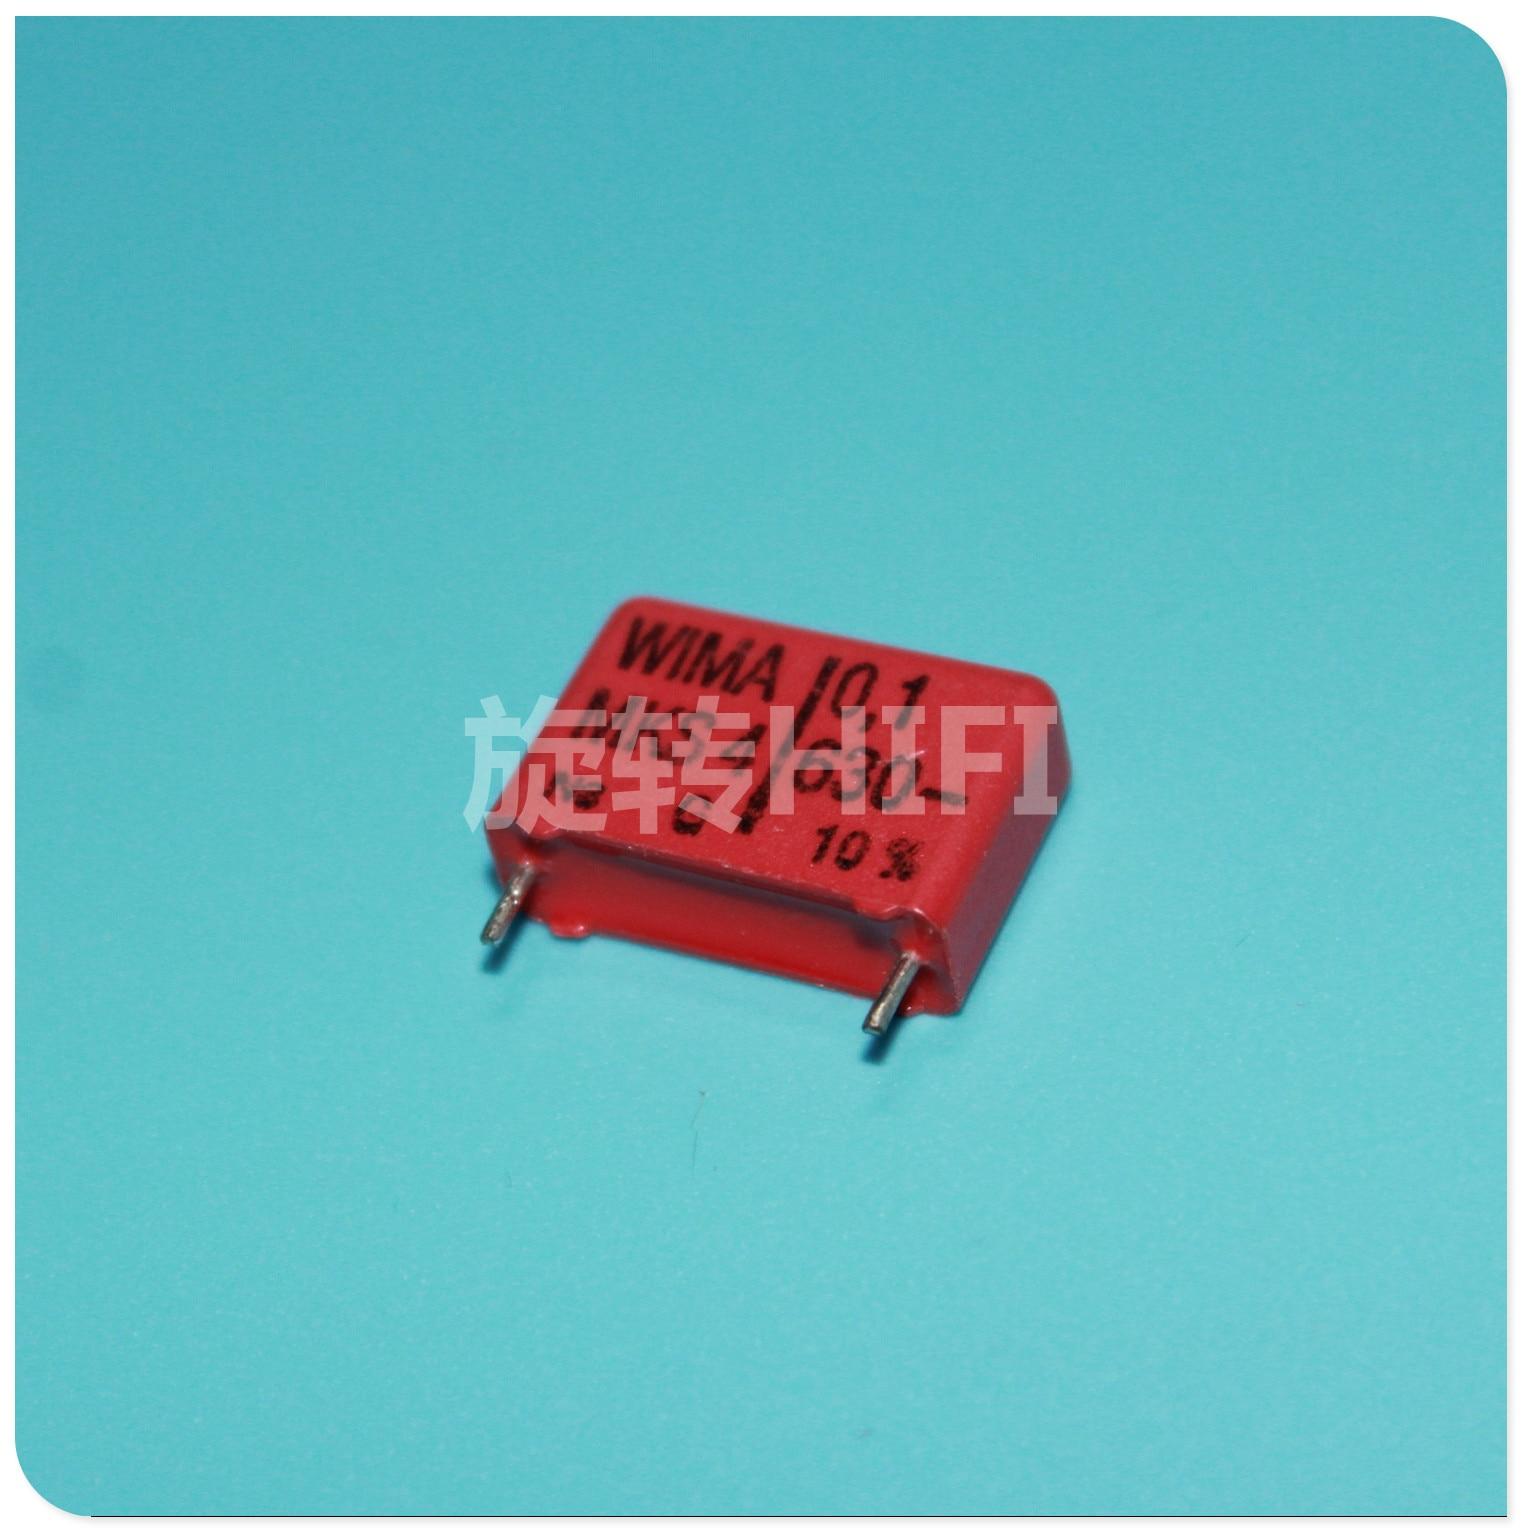 10 pçs vermelho wima mks4 0.1 uf 630 v pcm15 original novo MKS-4 104/630 v p15mm áudio 104 venda quente 0.1 uf/630 v 100nf